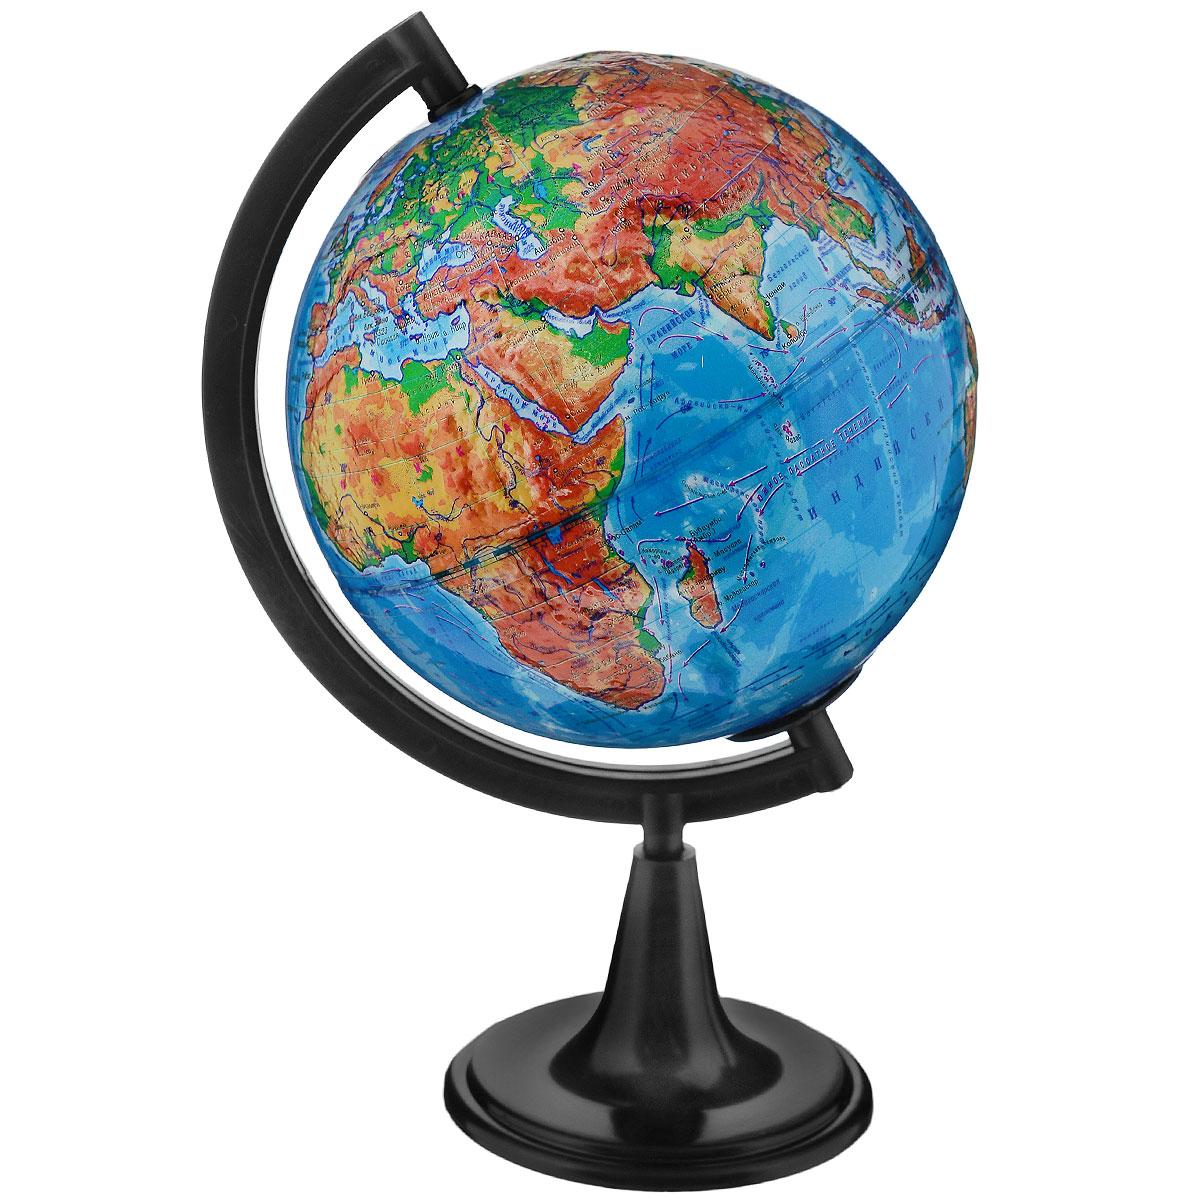 Глобусный мир Глобус с физической картой, рельефный, диаметр 15 см, на подставке, с подсветкой10336Географический глобус рельефный с физической картой мира станет незаменимым атрибутом обучения не только школьника, но и студента. На глобусе отображены линии картографической сетки, гидрографическая сеть, рельеф суши и морского дна, крупнейшие населенные пункты, теплые и холодные течения. Глобус снабжен меридианом с градусными отметками, а также имеет функцию подсветки от электрической сети. Глобус является уменьшенной и практически не искаженной моделью Земли и предназначен для использования в качестве наглядного картографического пособия, а также для украшения интерьера квартир, кабинетов и офисов. Красочность, повышенная наглядность визуального восприятия взаимосвязей, отображенных на глобусе объектов и явлений, в сочетании с простотой выполнения по нему различных измерений делают глобус доступным широкому кругу потребителей для получения разнообразной познавательной, научной и справочной информации о Земле. Глобус на оригинальной пластиковой подставке черного...